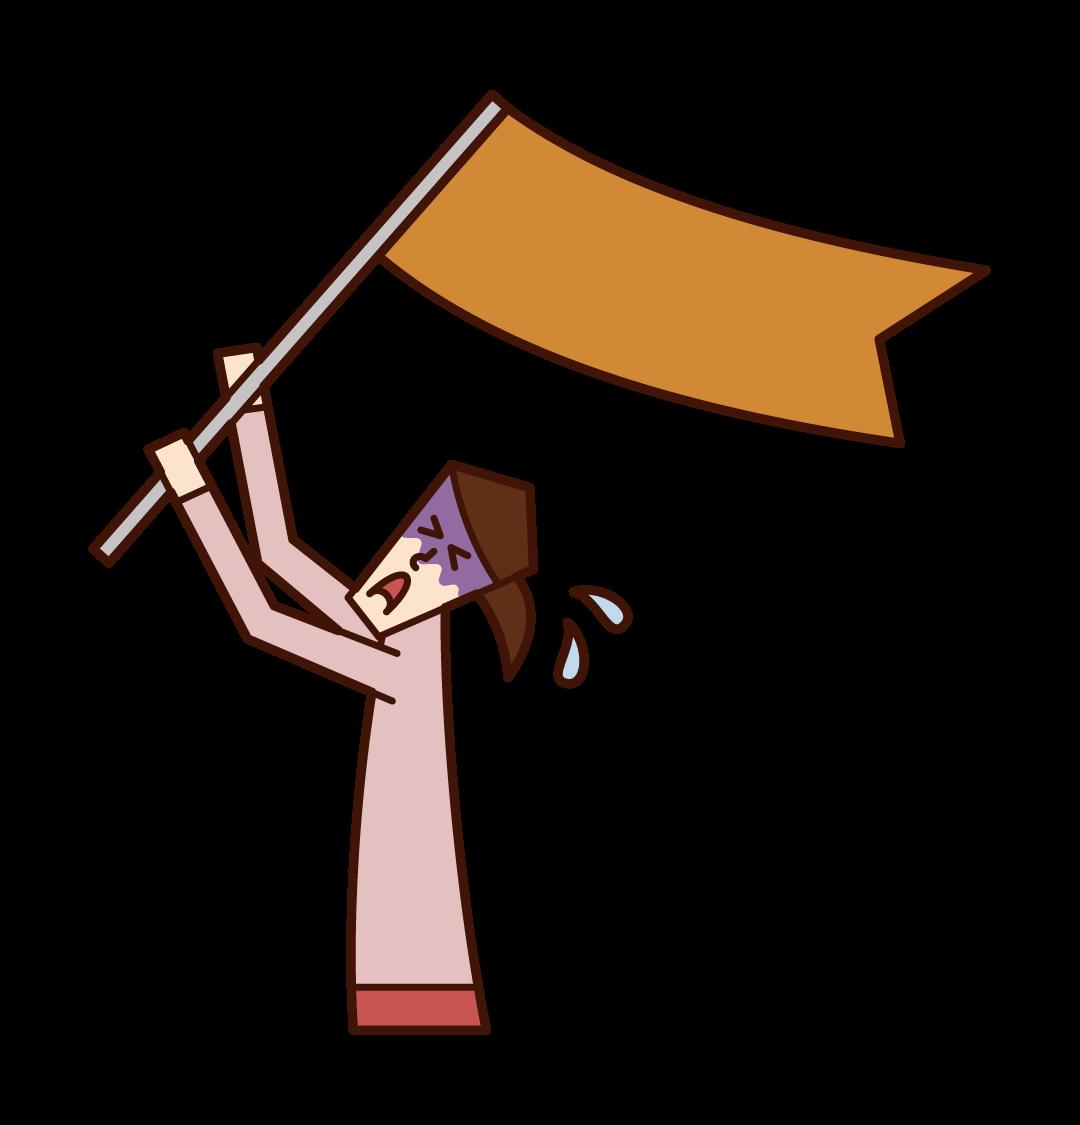 旗を振ってSOSを求める人(女性)のイラスト